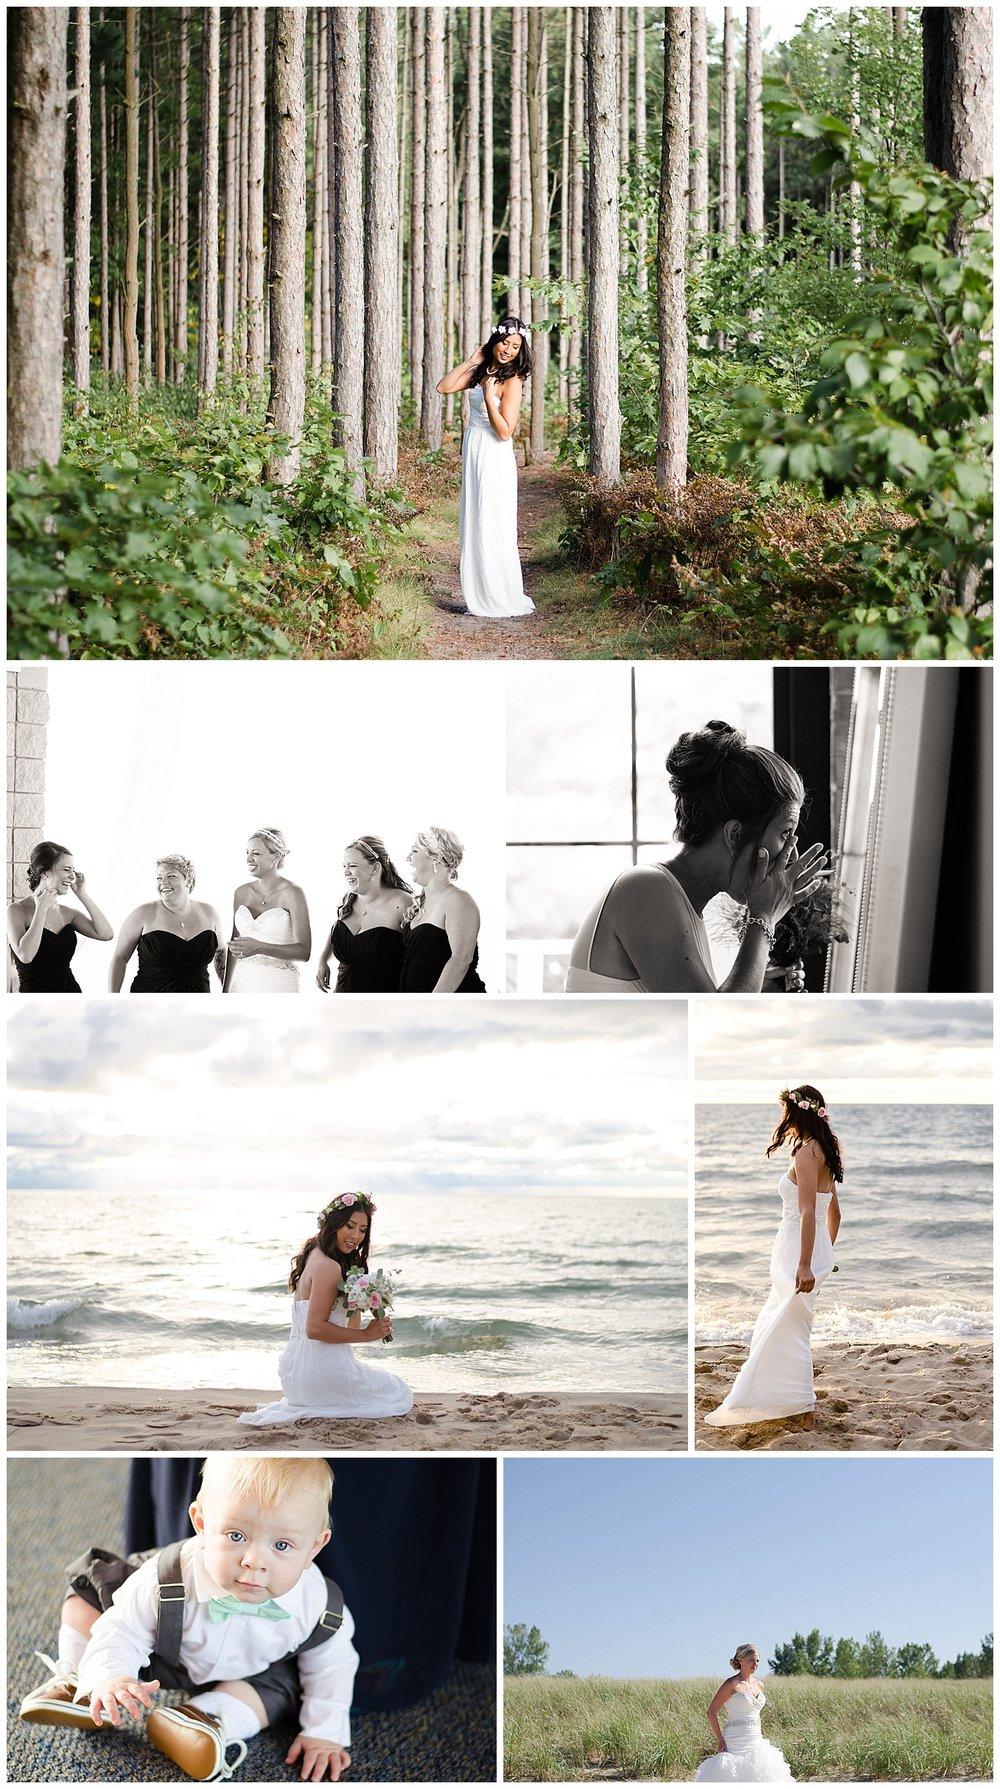 weddings-by-raisa-michigan-photographer_0013.jpg